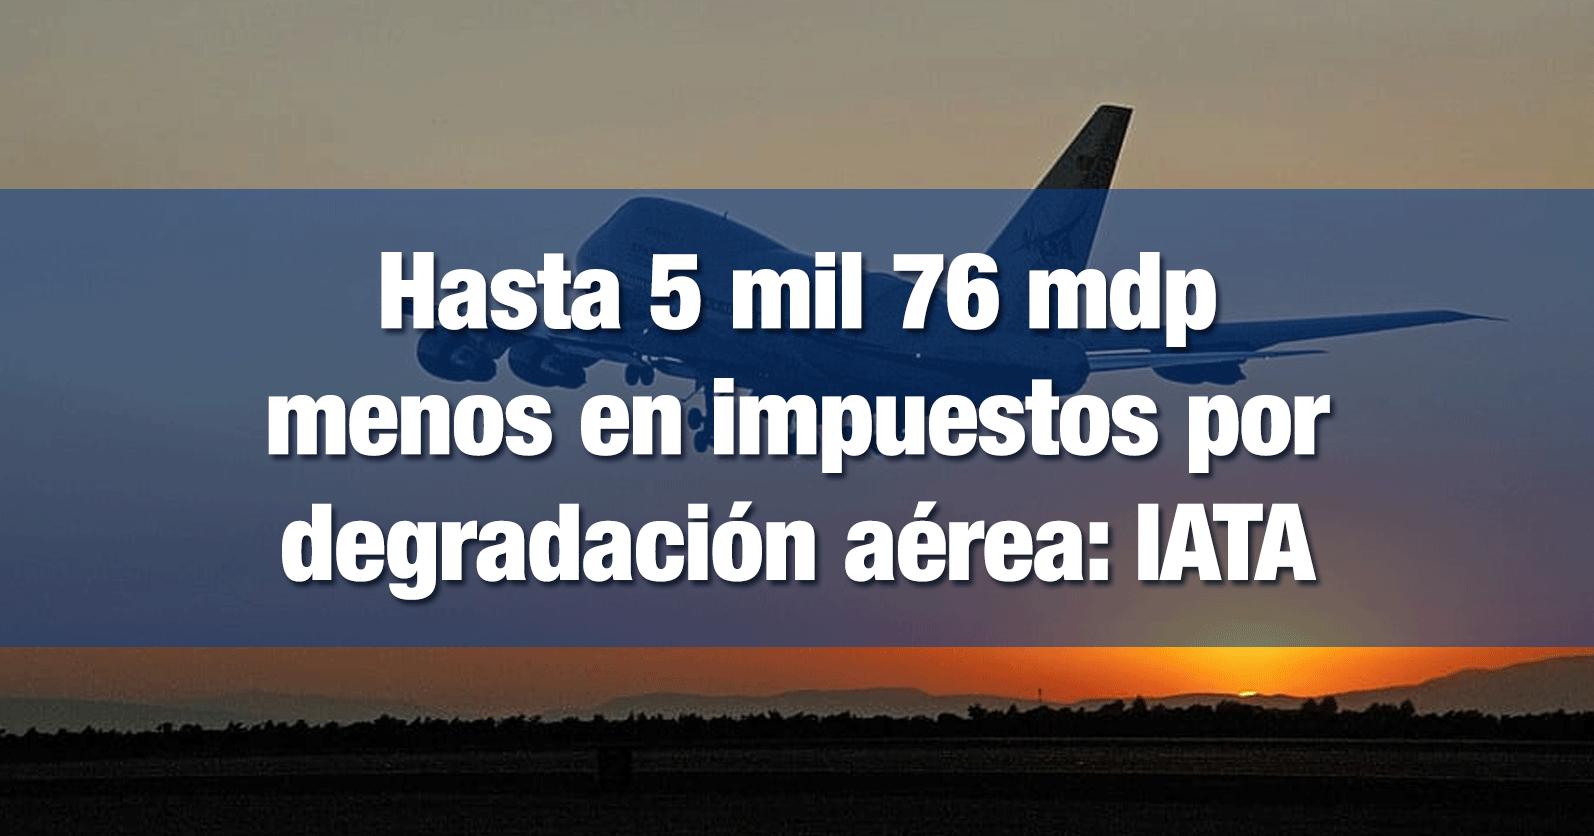 Hasta 5 mil 76 mdp menos en impuestos por degradación aérea: IATA